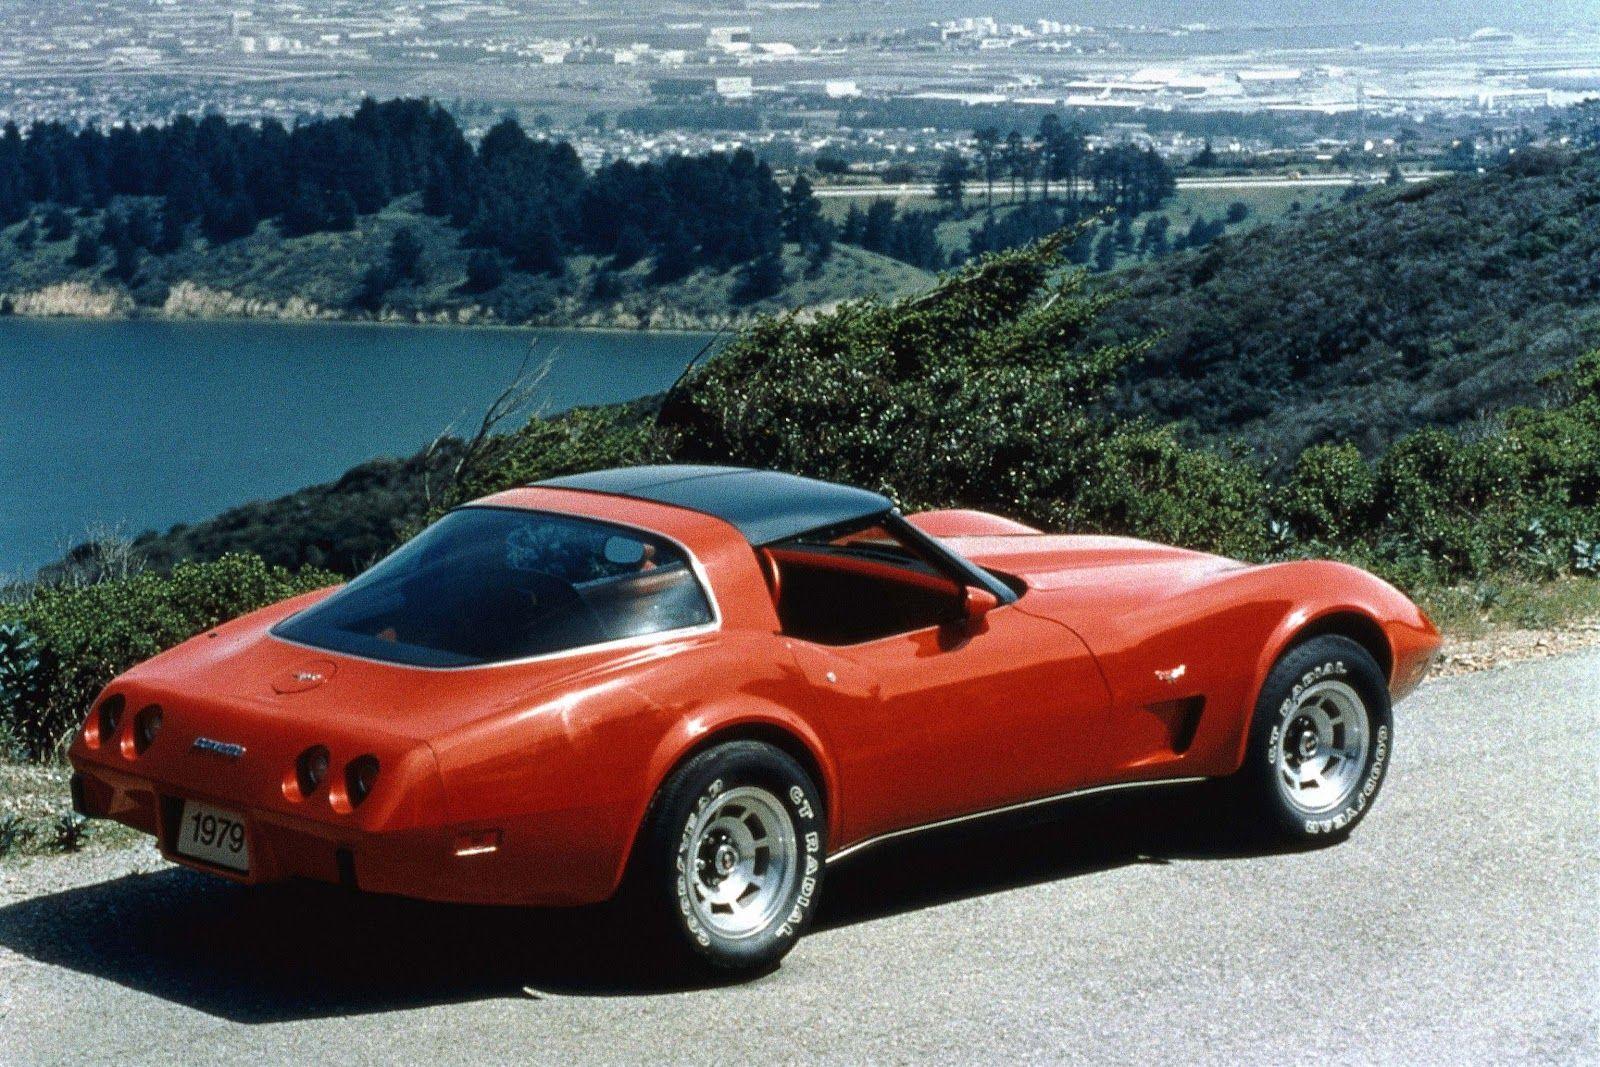 1968 1982 Chevrolet Corvette C3 Dark Cars Wallpapers Corvette Chevrolet Corvette C3 Chevrolet Corvette